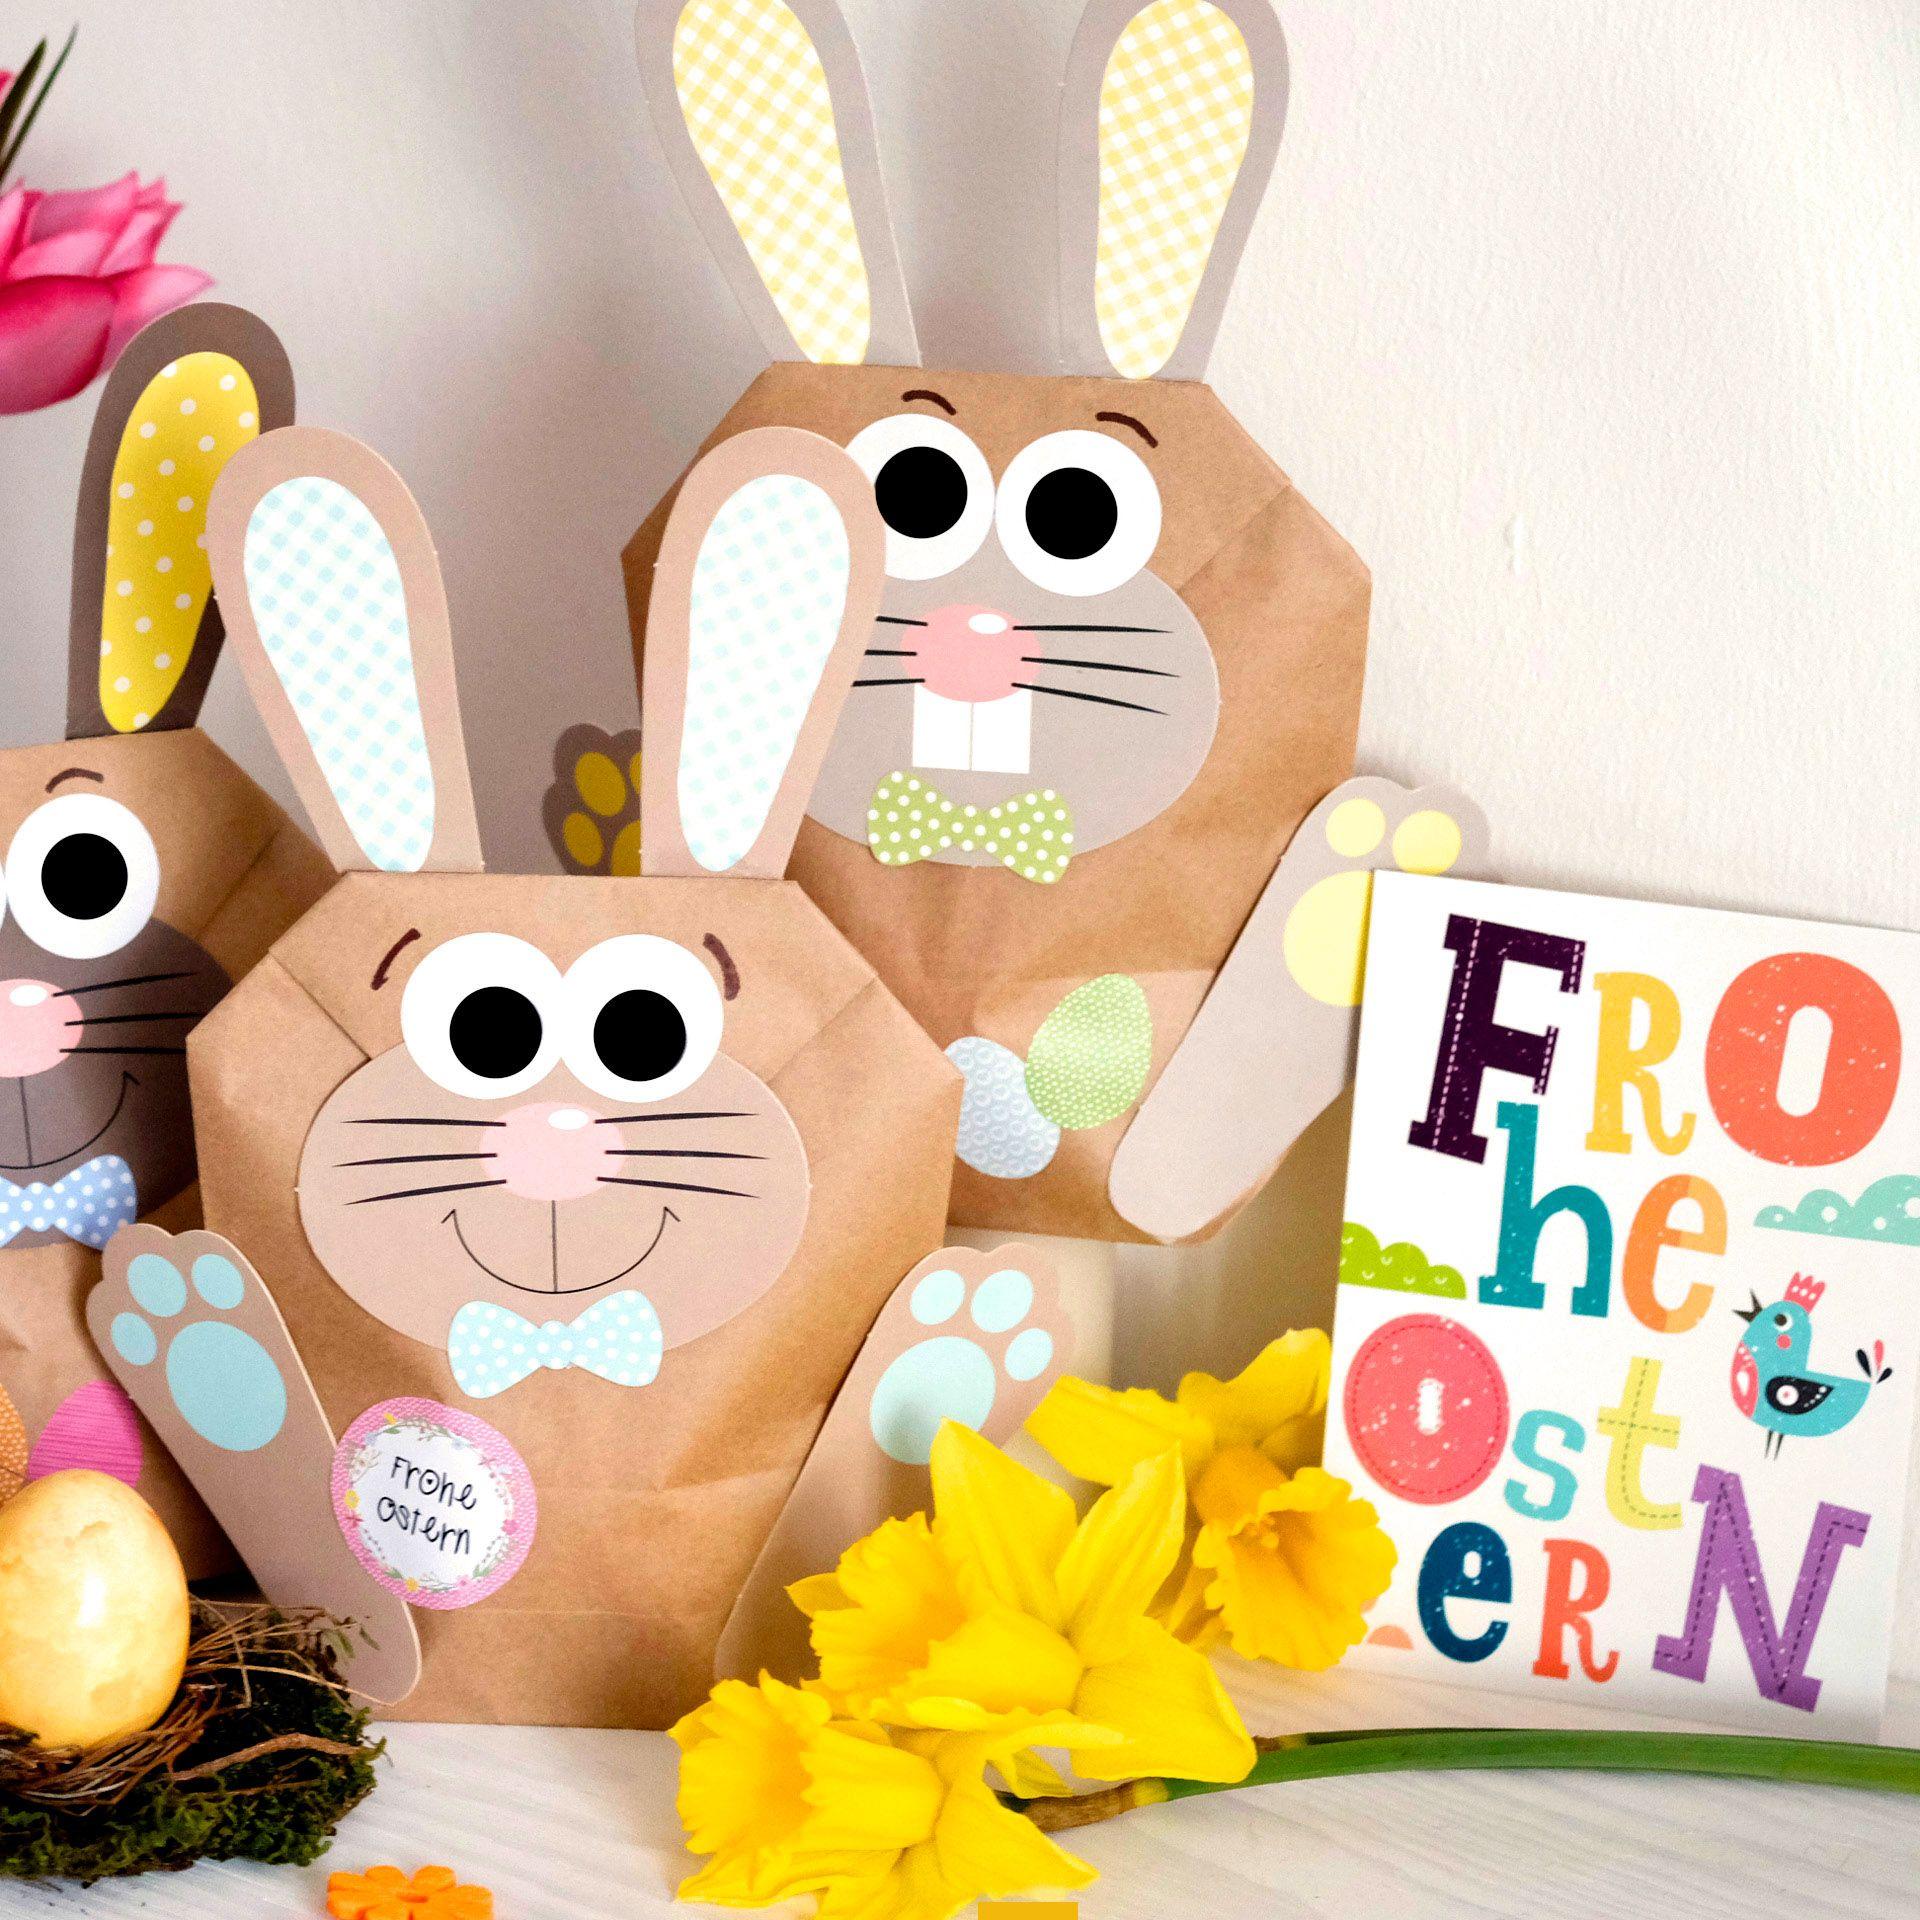 12 Diy Osterhasen Tuten Bunte Geschenktuten Zu Ostern Zum Selber Befullen Zum Verpacken Von Geschenken Fur Kind Osterhase Selber Basteln Osterhasen Basteln